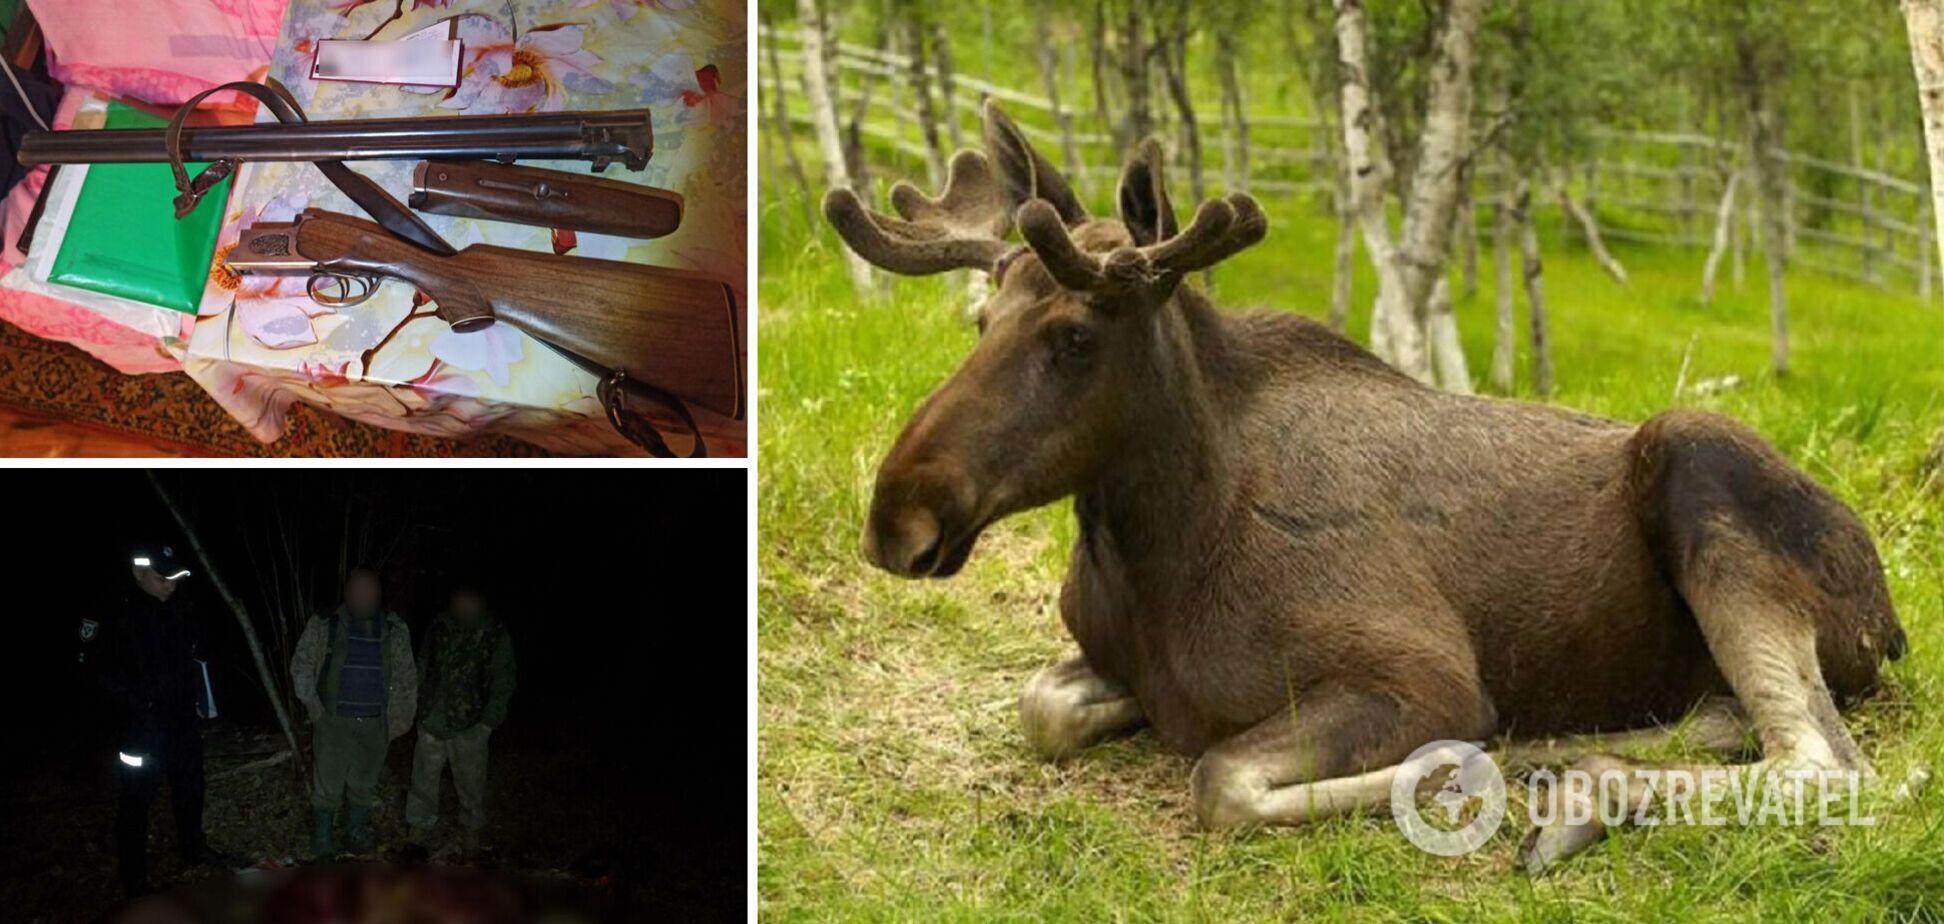 На Черниговщине убили лося: лесник засек четырех мужчин, один умер при попытке бегства. Детали и фото